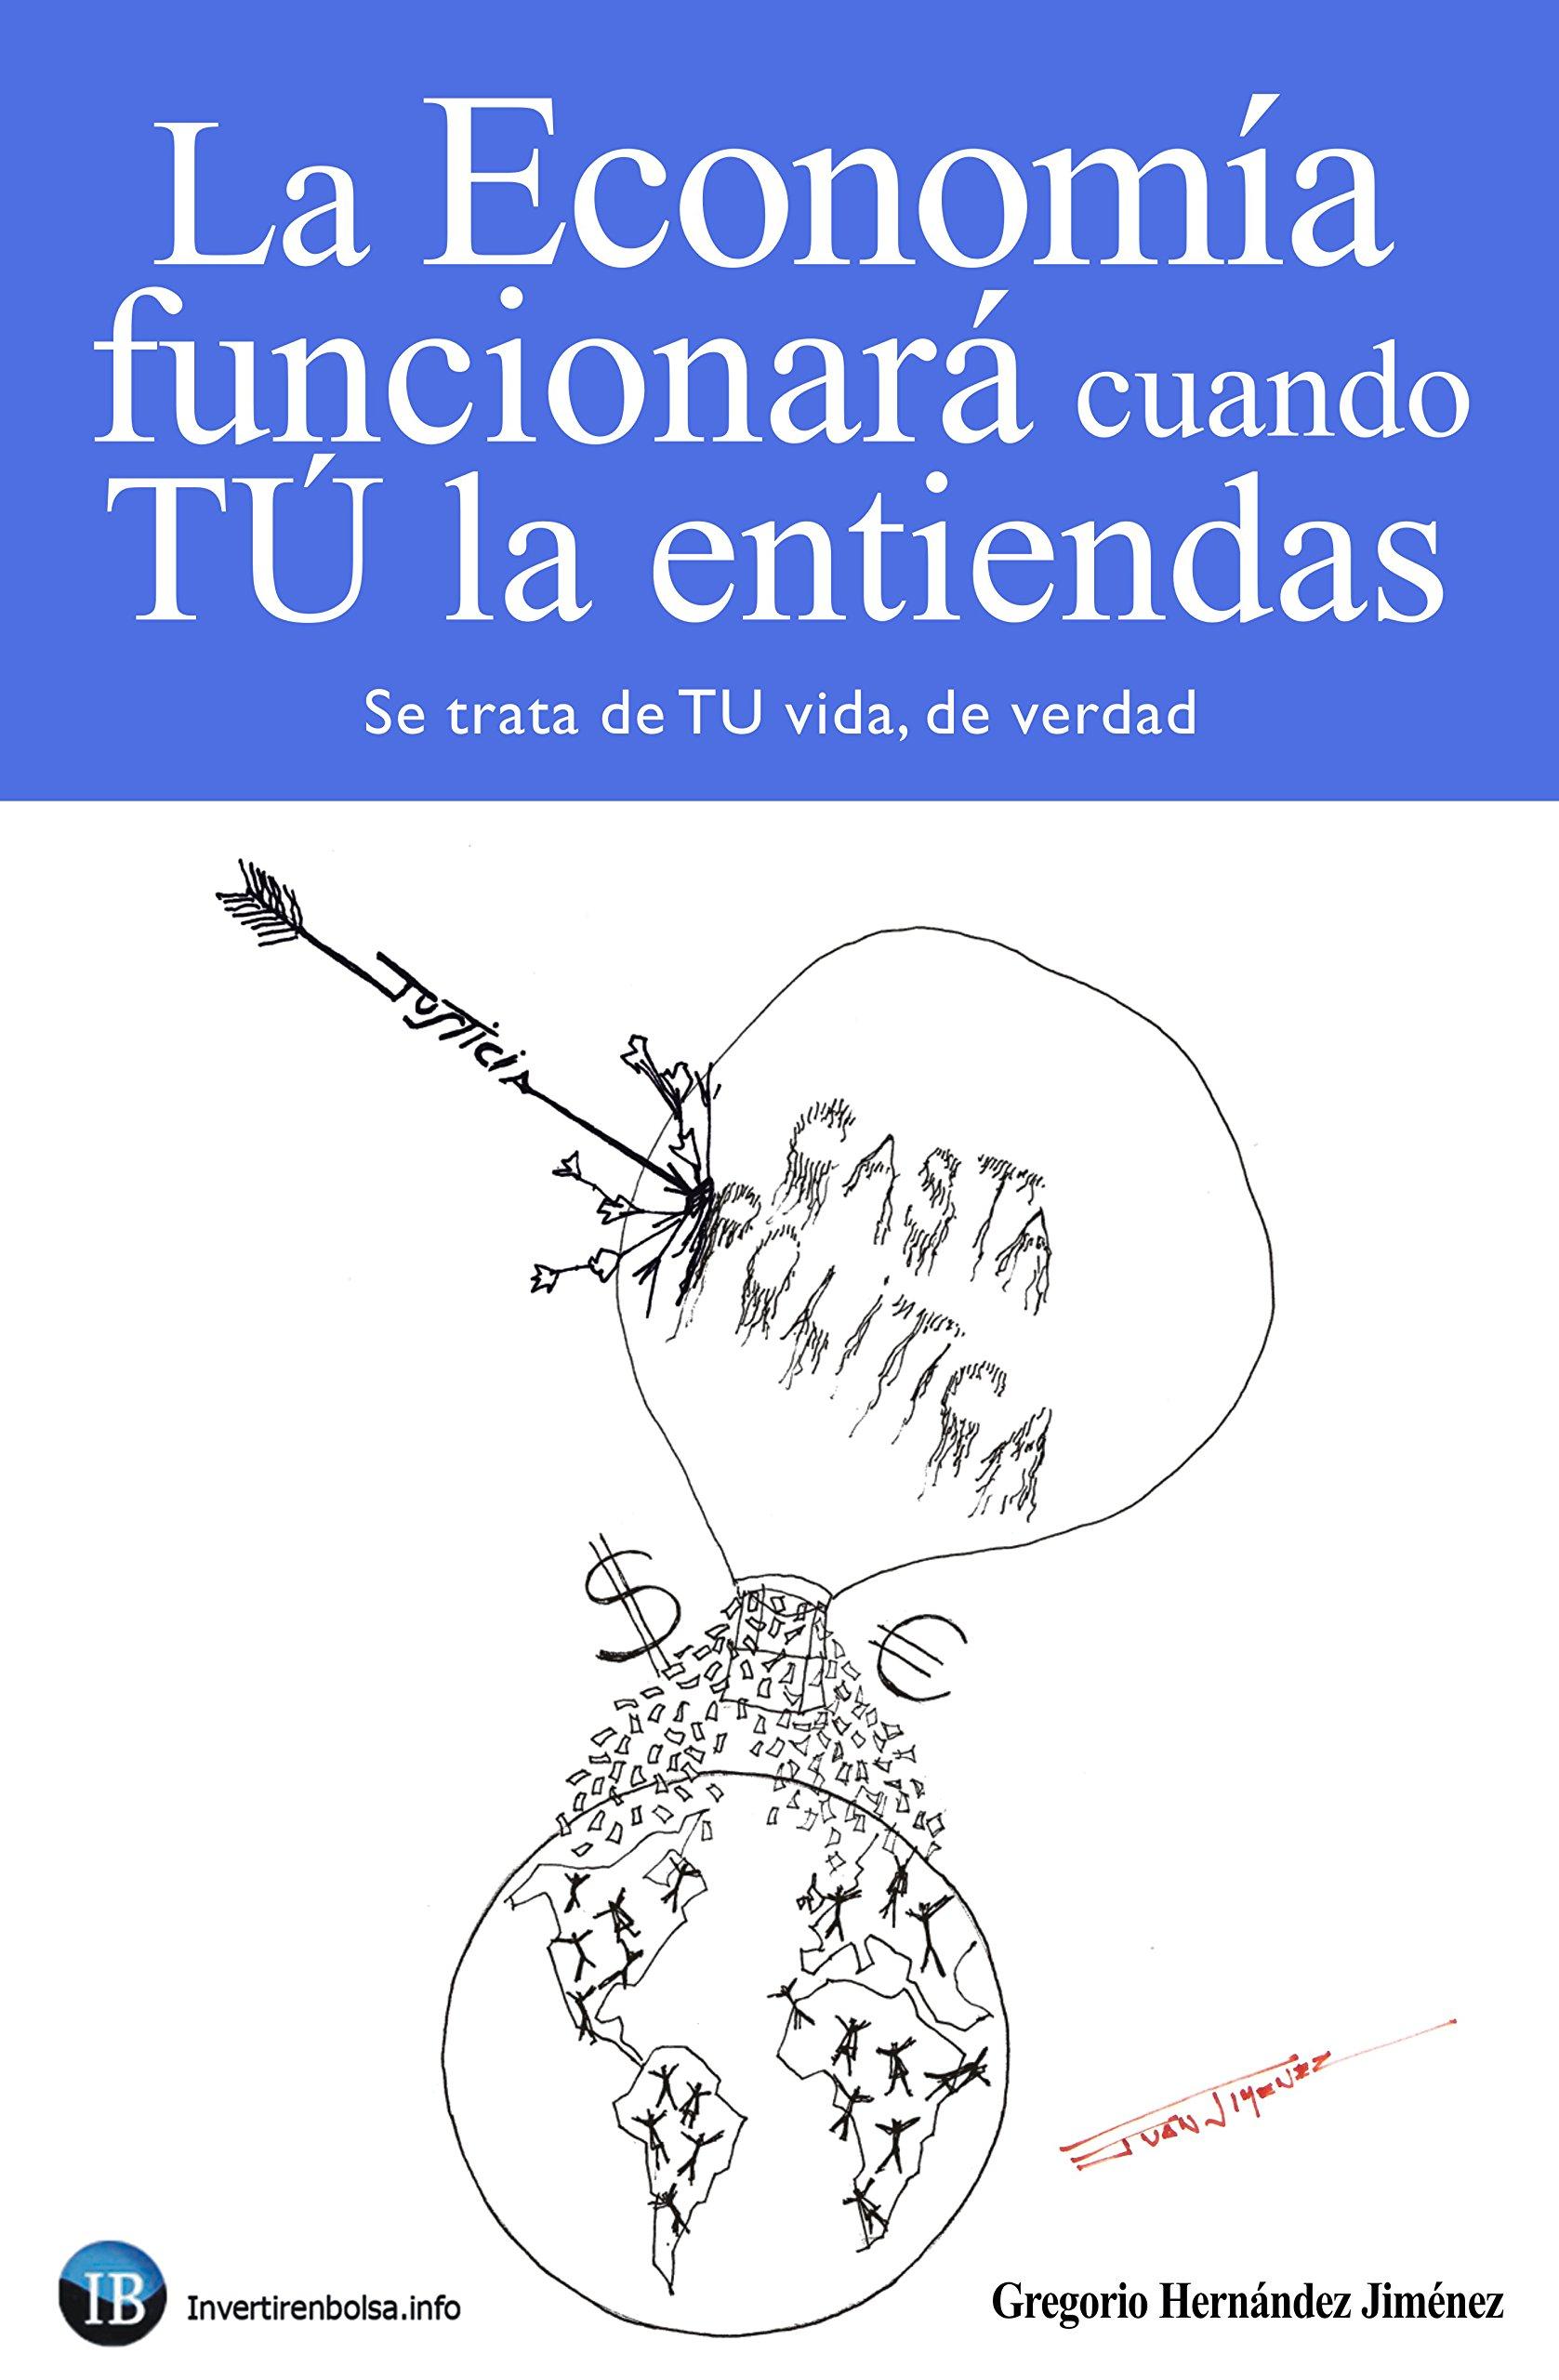 La Economía funcionará cuando TÚ la entiendas: (Se trata de TU vida, de verdad) (Spanish Edition)